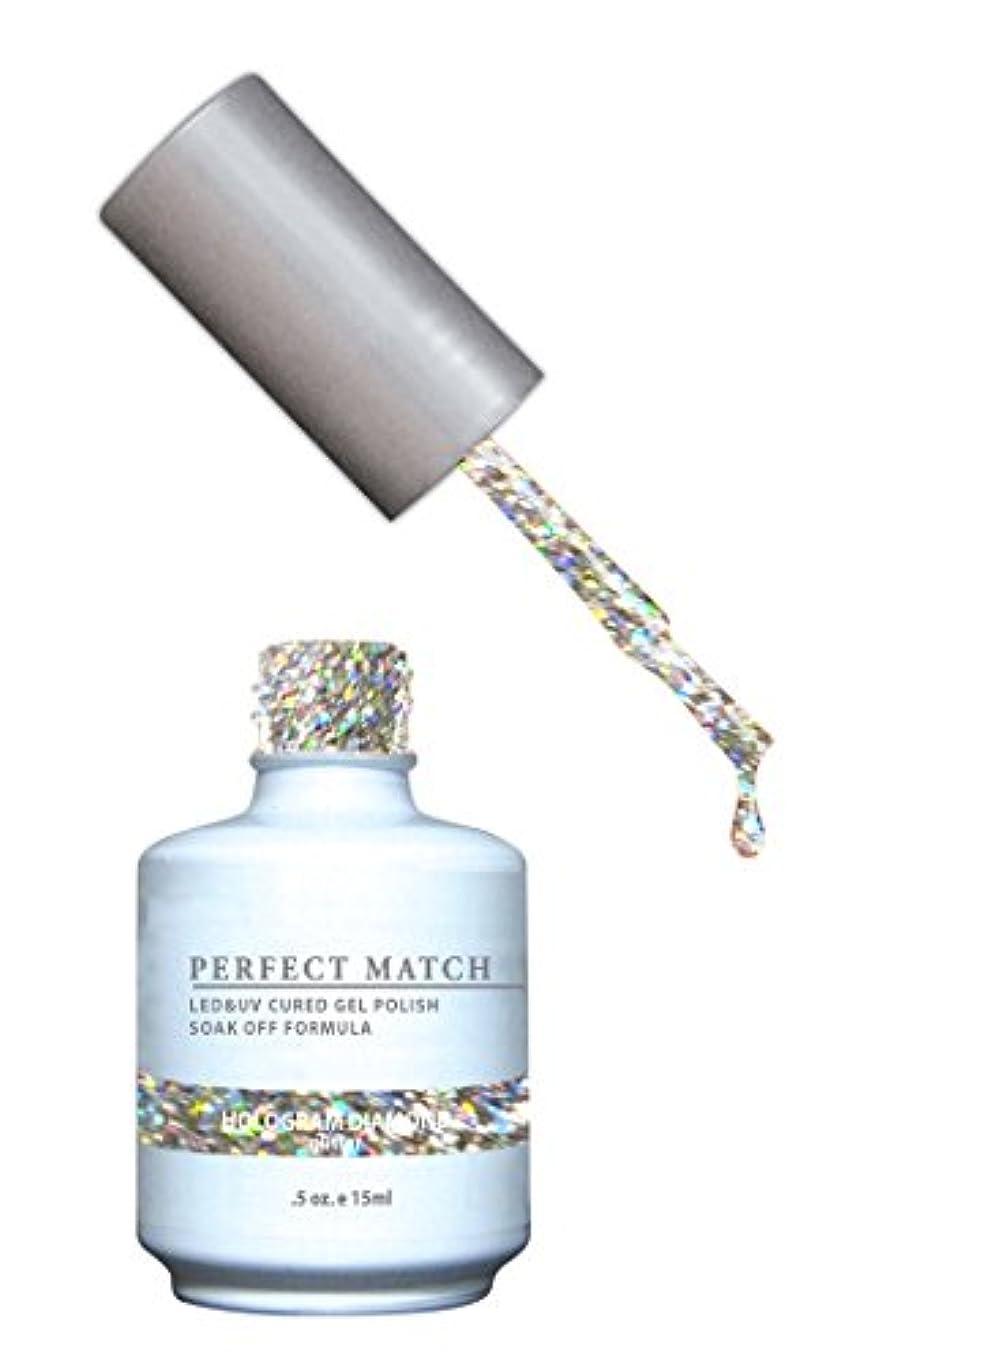 前投薬効率的にイブLeChat LECHATパーフェクトマッチマニキュア、 ホログラムダイヤモンド